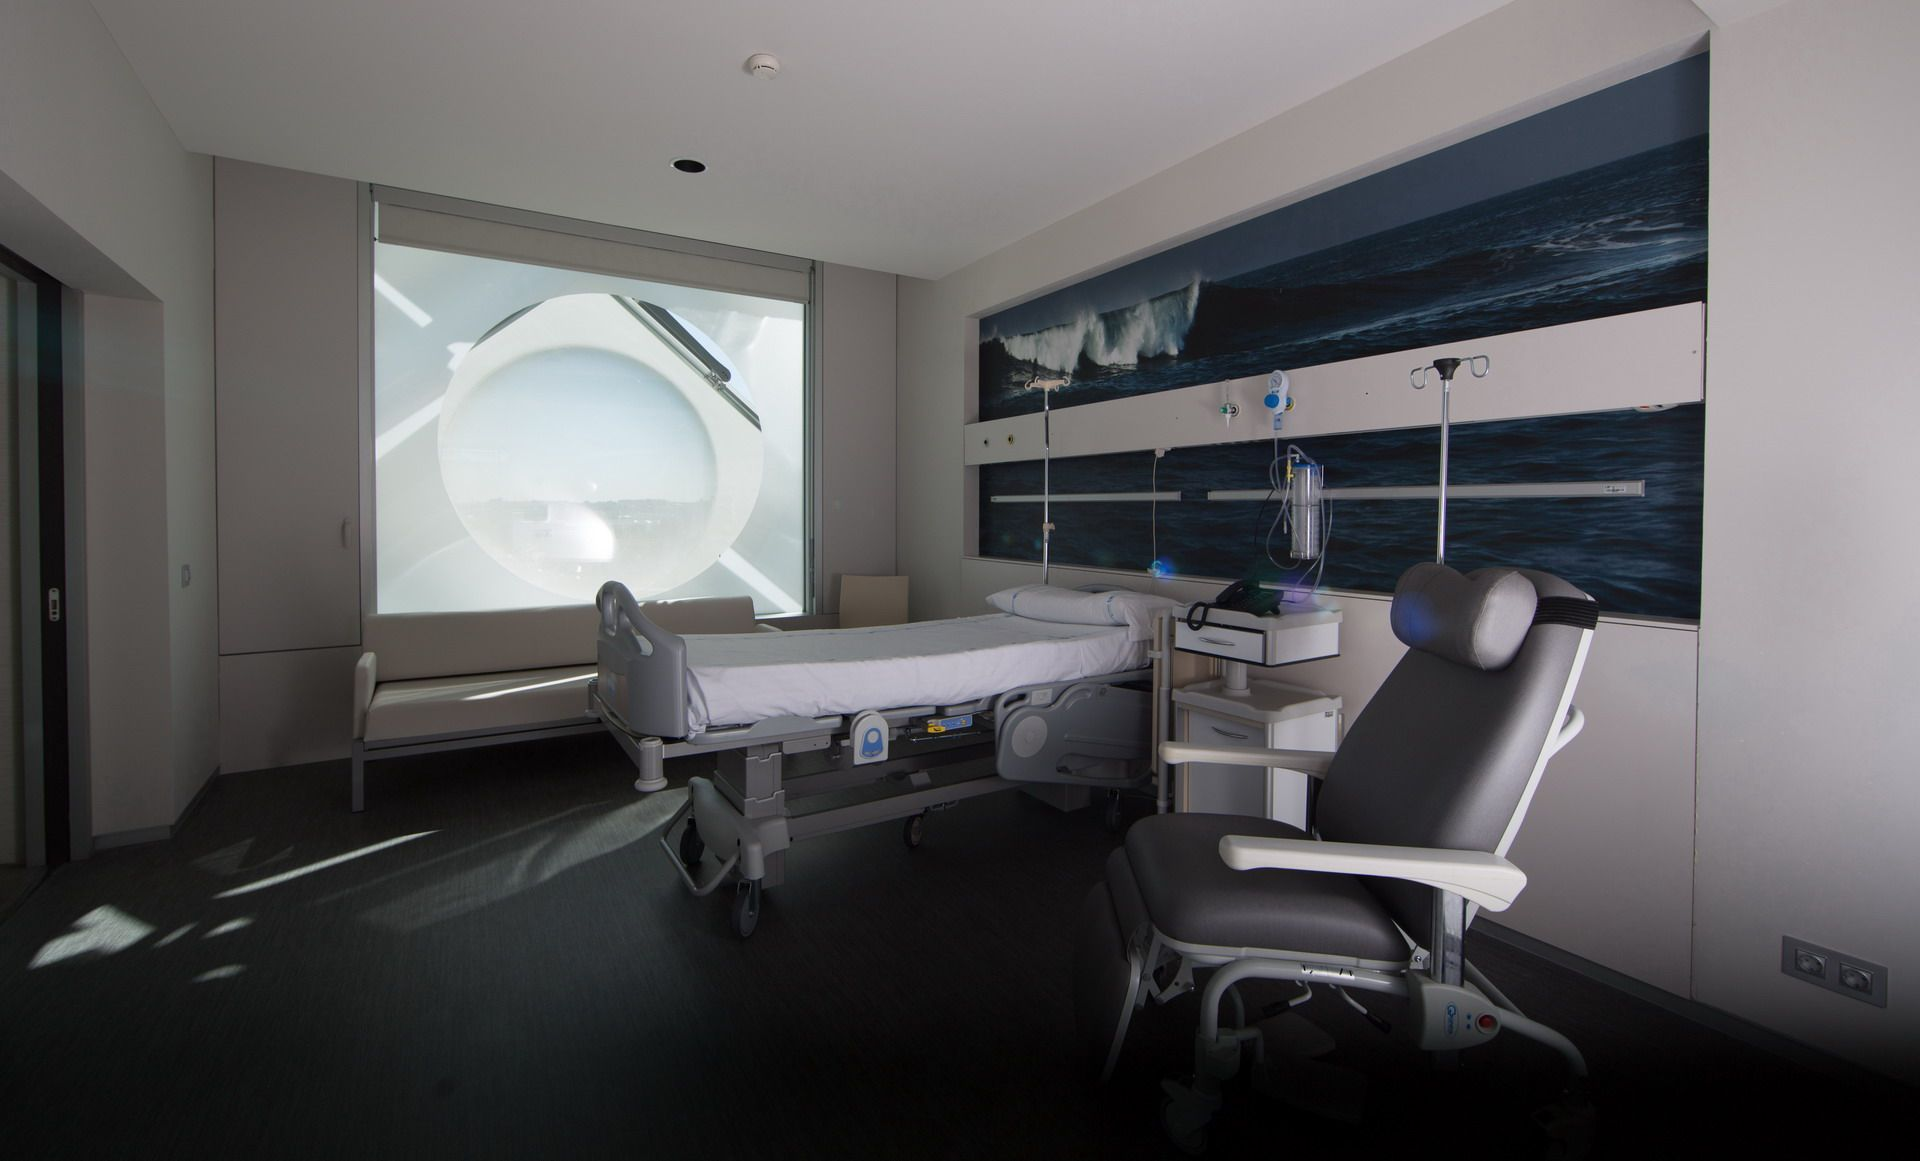 En Móstoles se realiza con éxito el primer tratamiento percutáneo de un tumor renal mediante crioablación